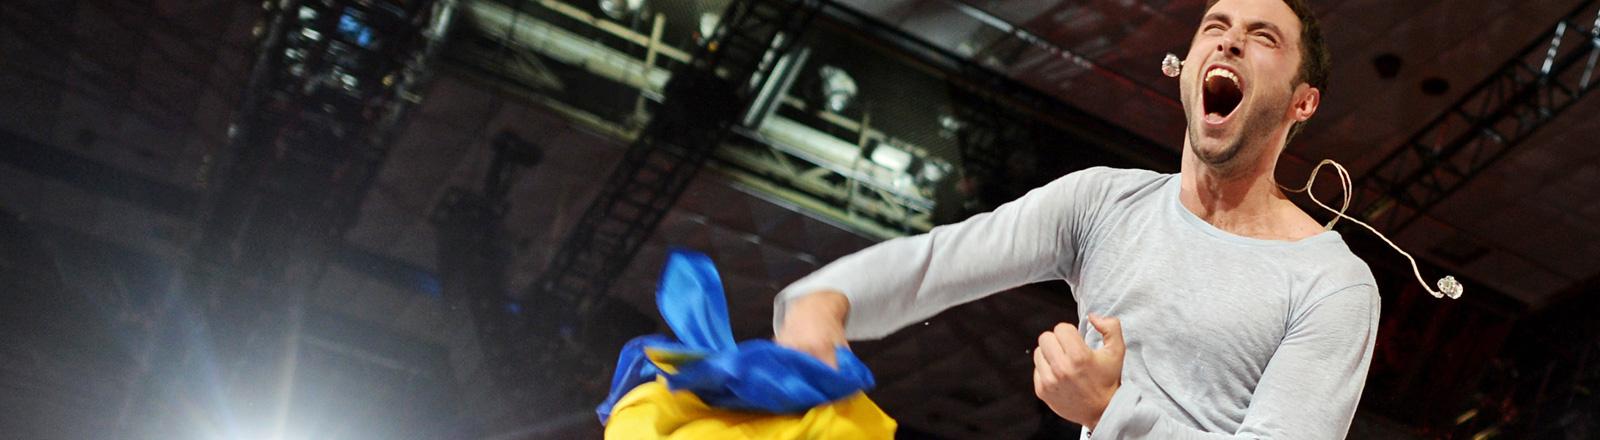 Mans Zelmerlow, der Gewinner des ESC 2015, steht auf der Bühne. Er schreit vor Freude und hat eine Schweden-Flagge in der Hand; Foto: dpa